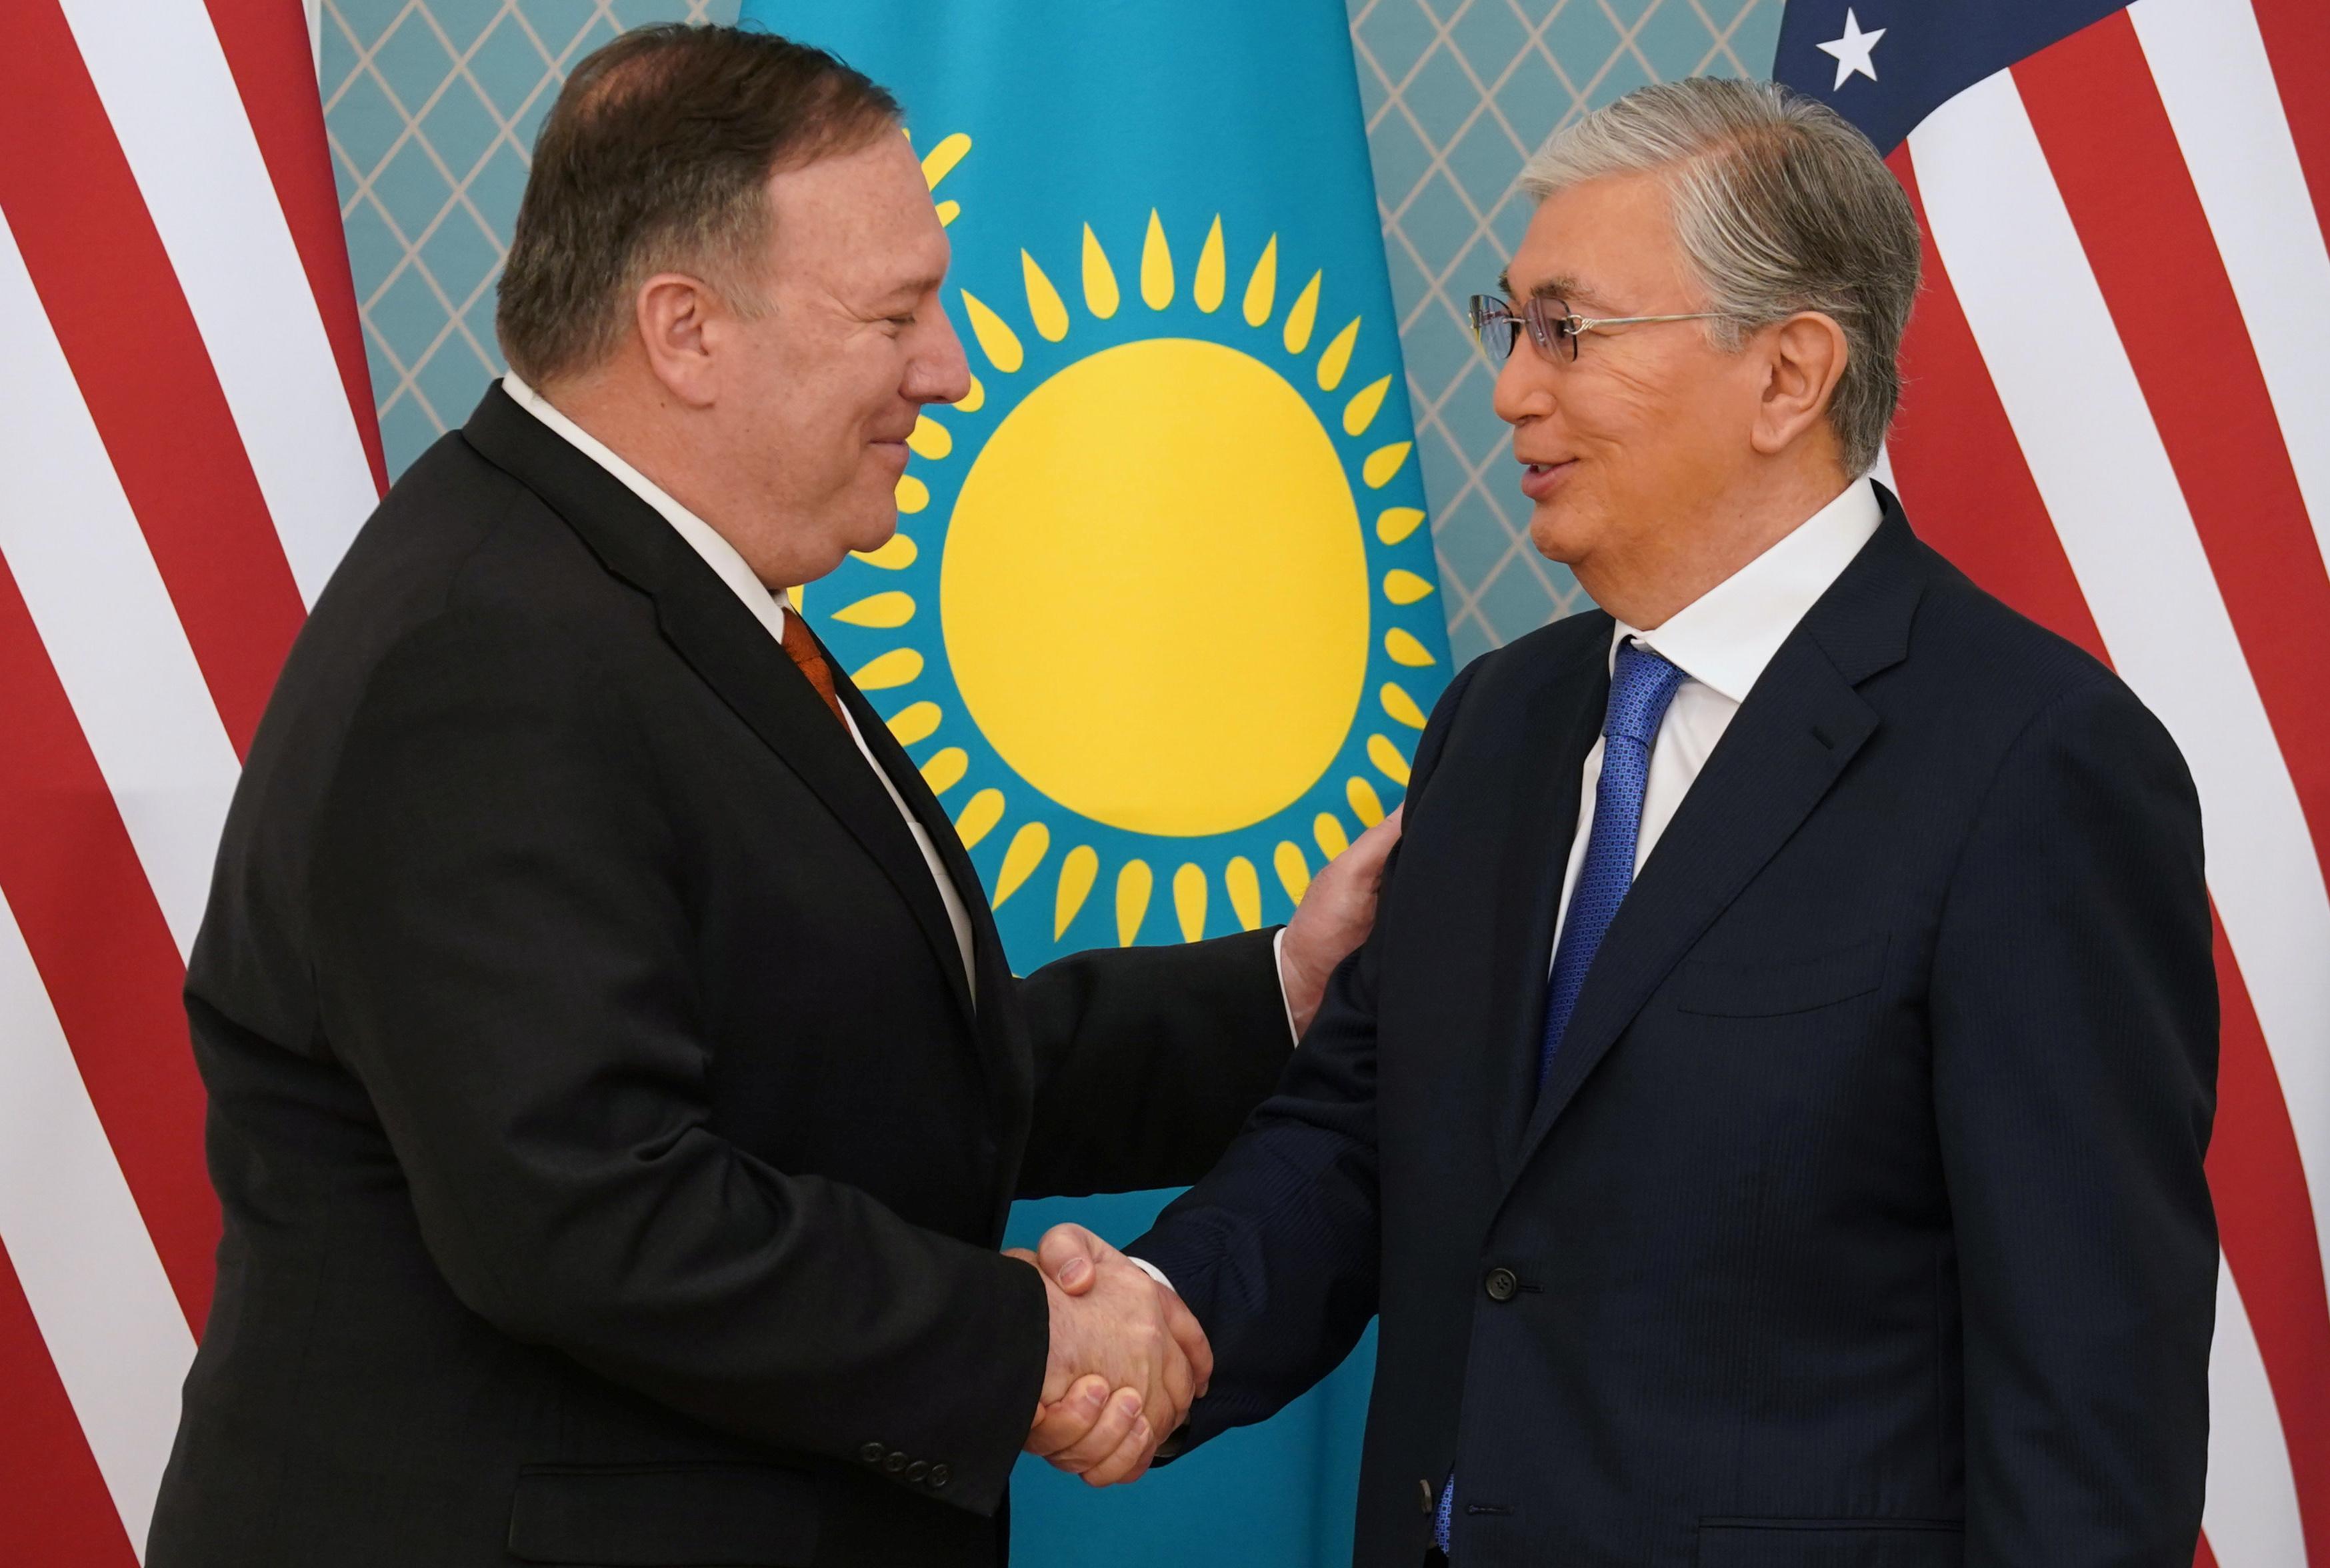 Περιοδεία στην κεντρική Ασία από Πομπέο! Πρώτος σταθμό το Καζακστάν